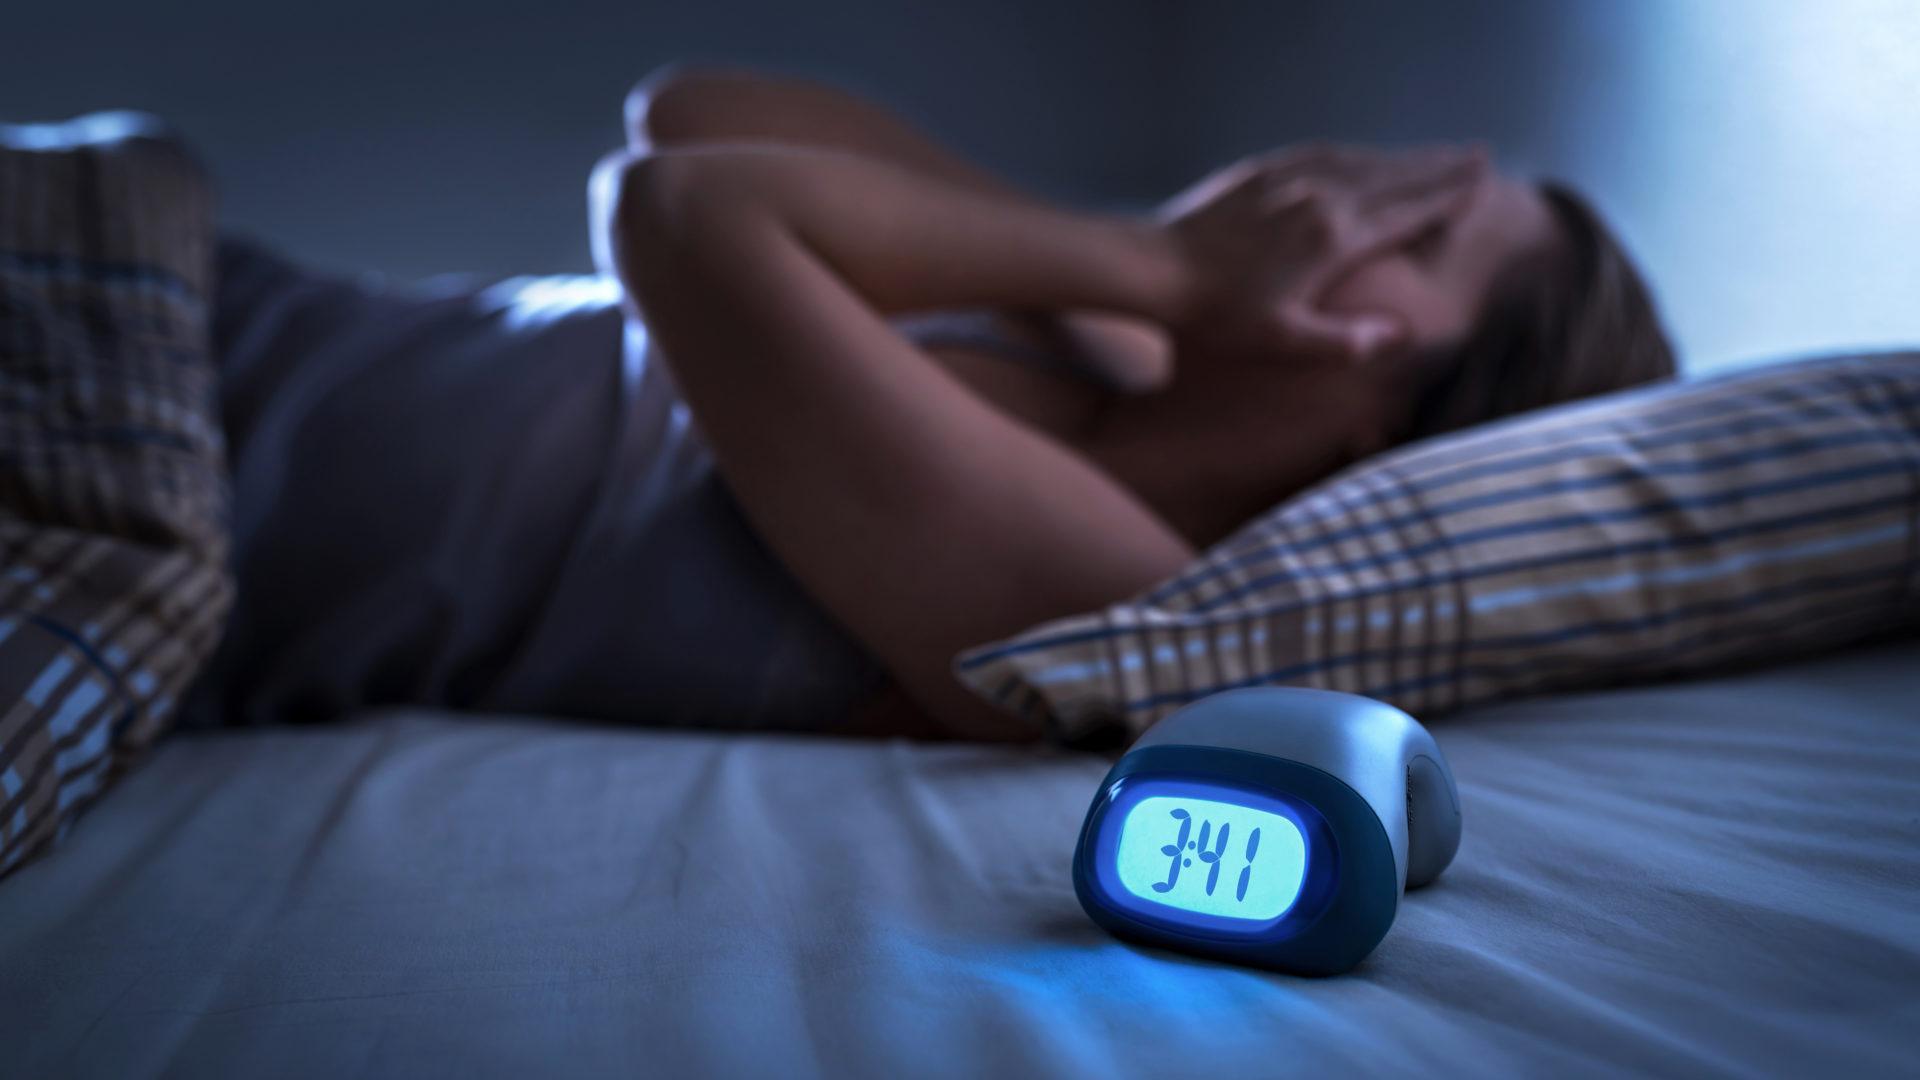 Korona-aika aiheuttaa monille unettomia öitä.